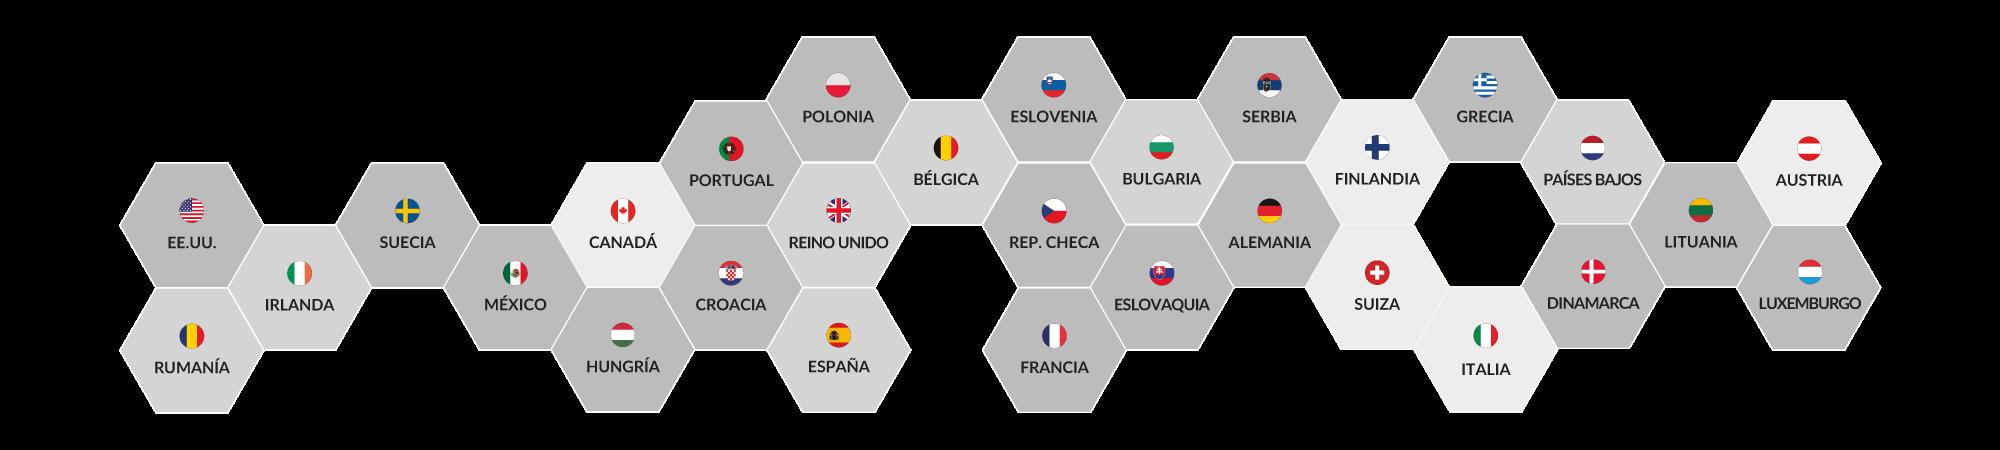 Operador de telecomunicaciones en 29 países – Dialoga